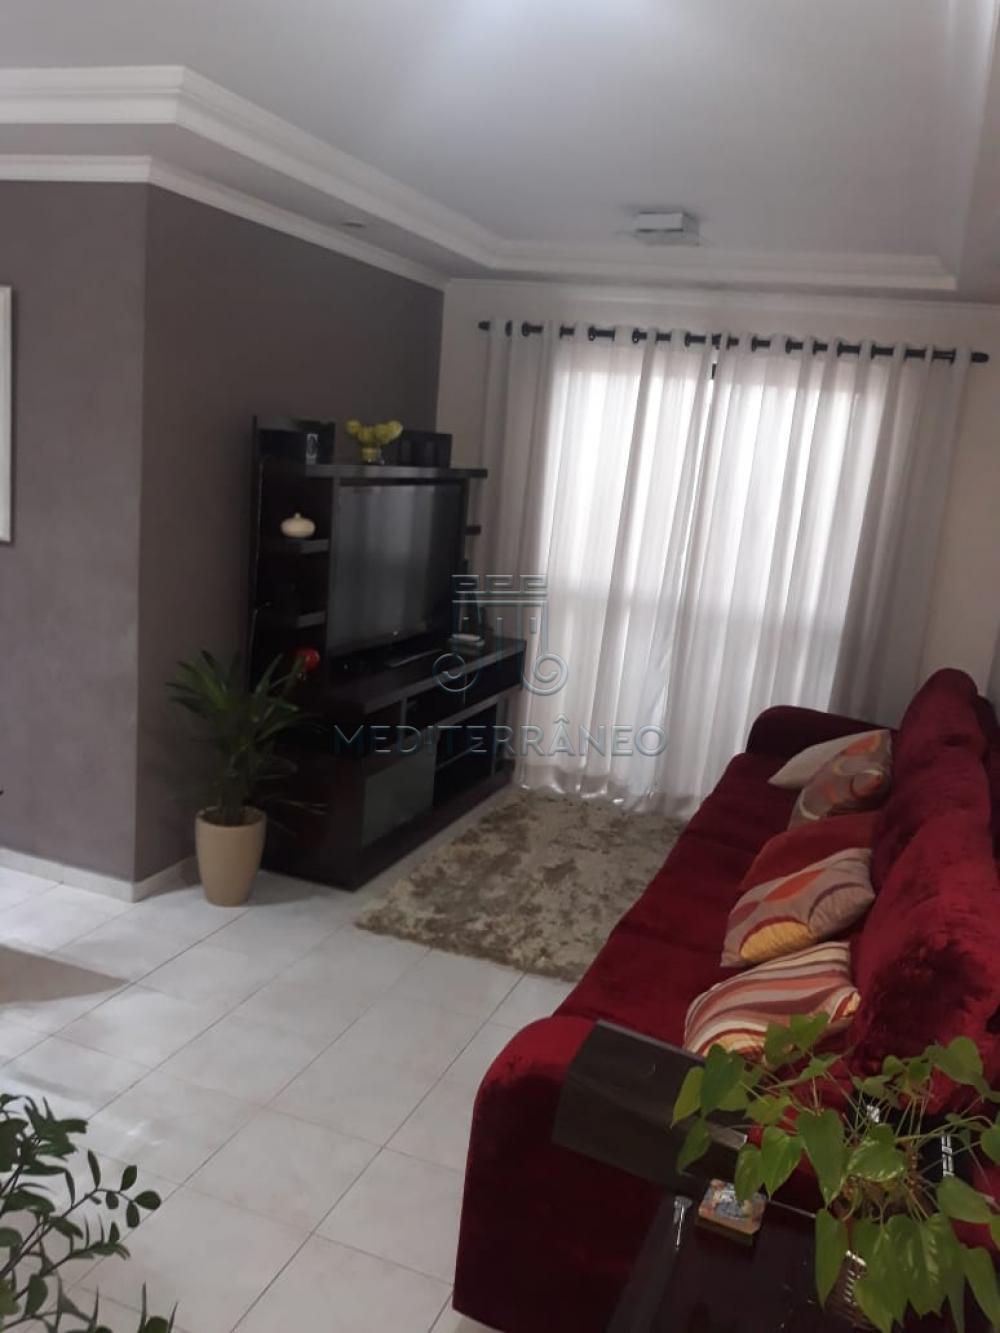 Comprar Apartamento / Padrão em Jundiaí apenas R$ 520.000,00 - Foto 5